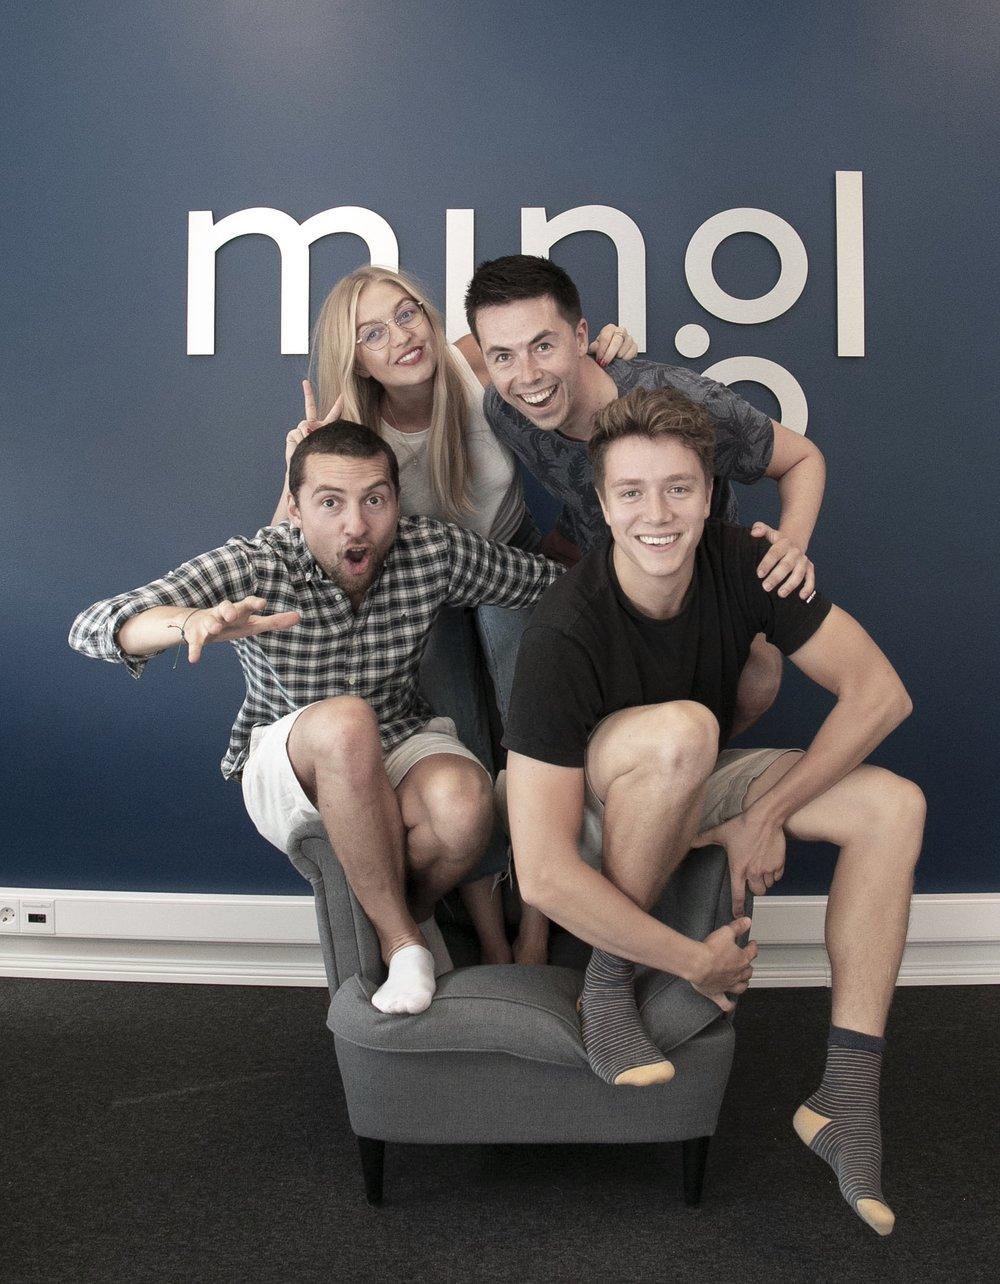 The Mingl team